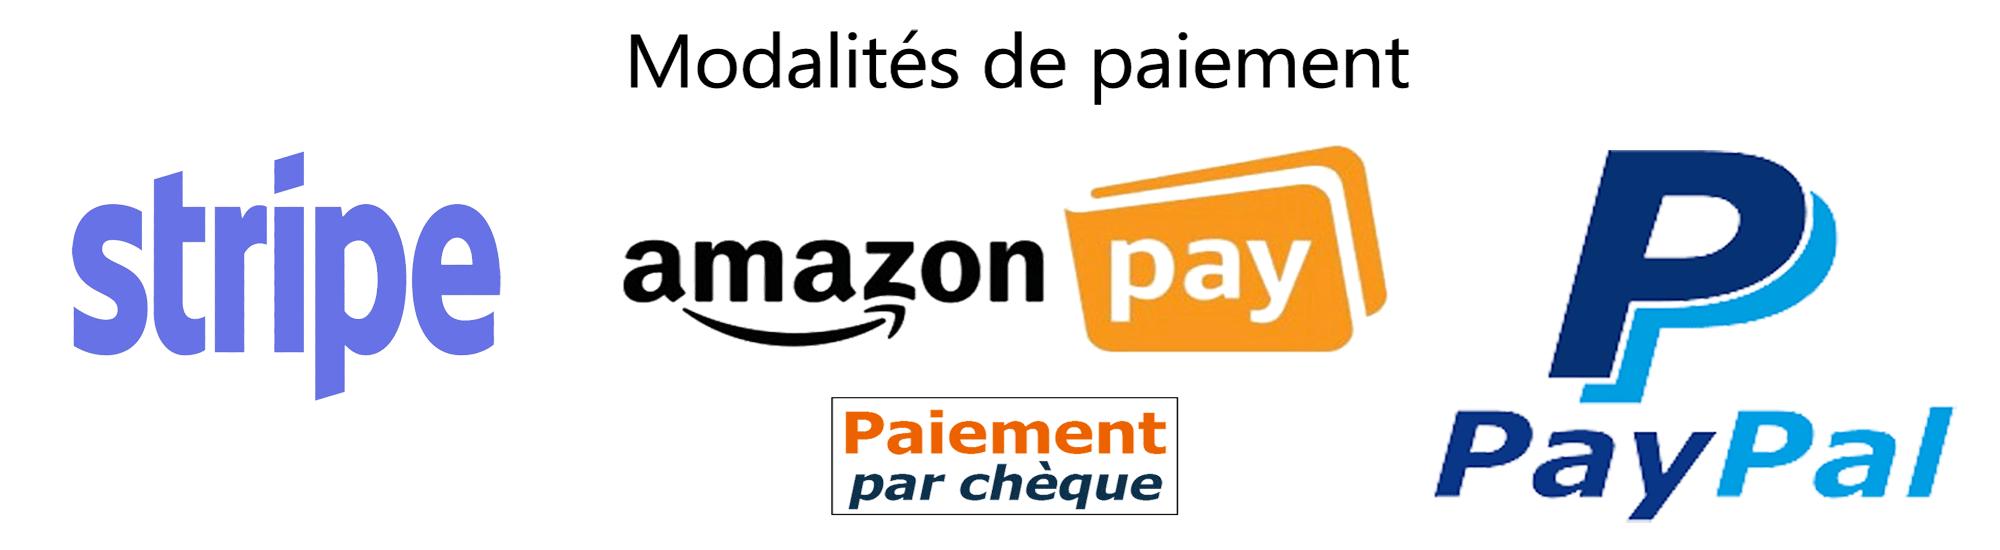 texti cadeaux modalites paiement stripe amazon pay pay pal cheque carte bleue